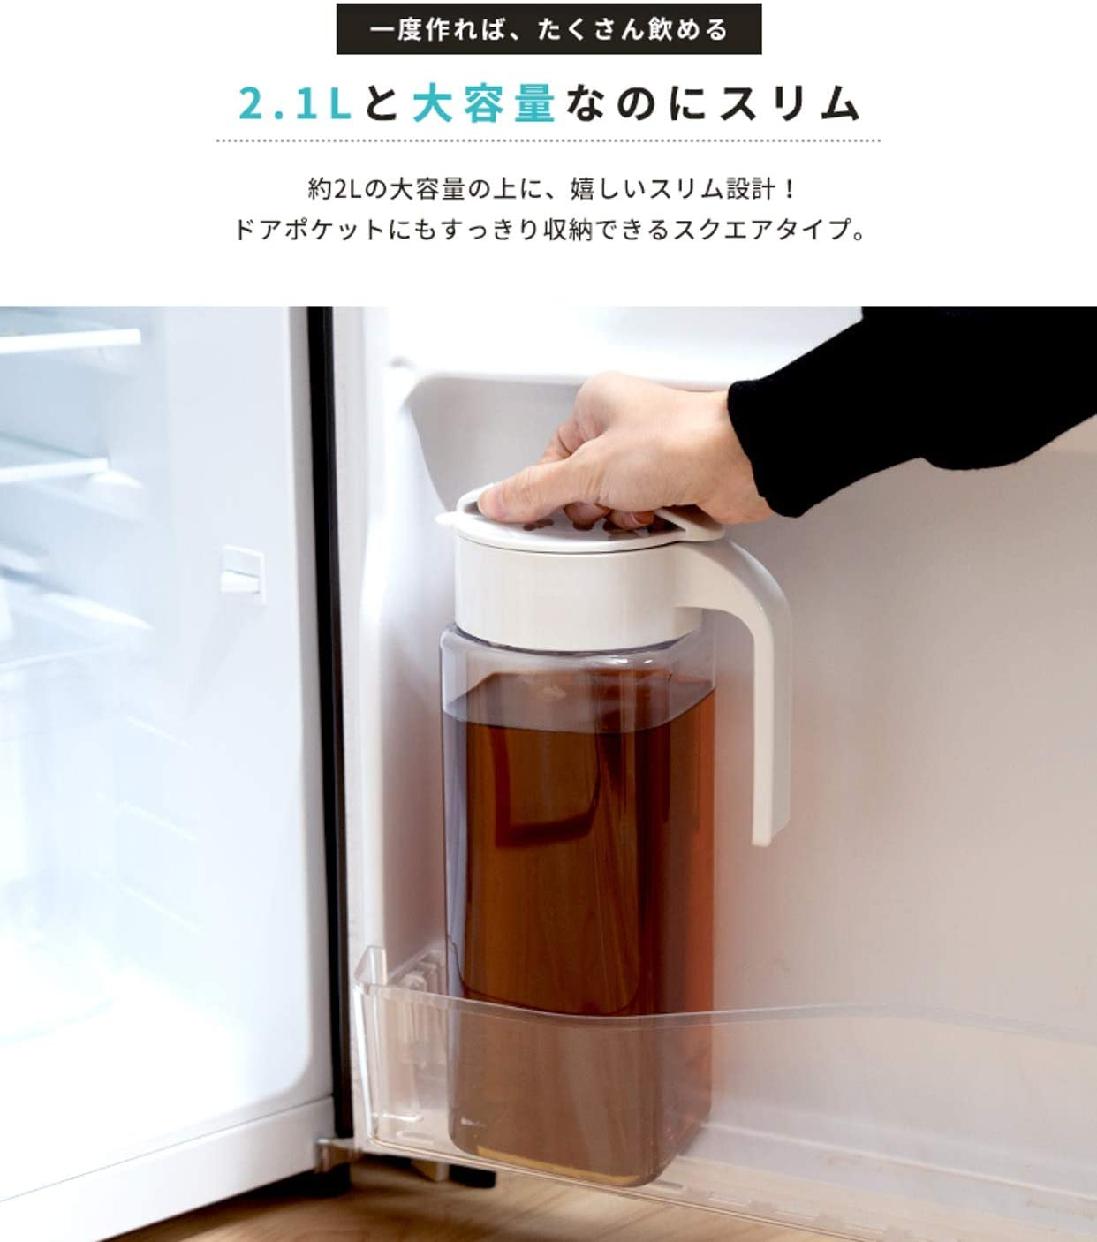 DRINK VIO(ドリンク・ビオ) D-211 2.1L ホワイト 8041の商品画像4